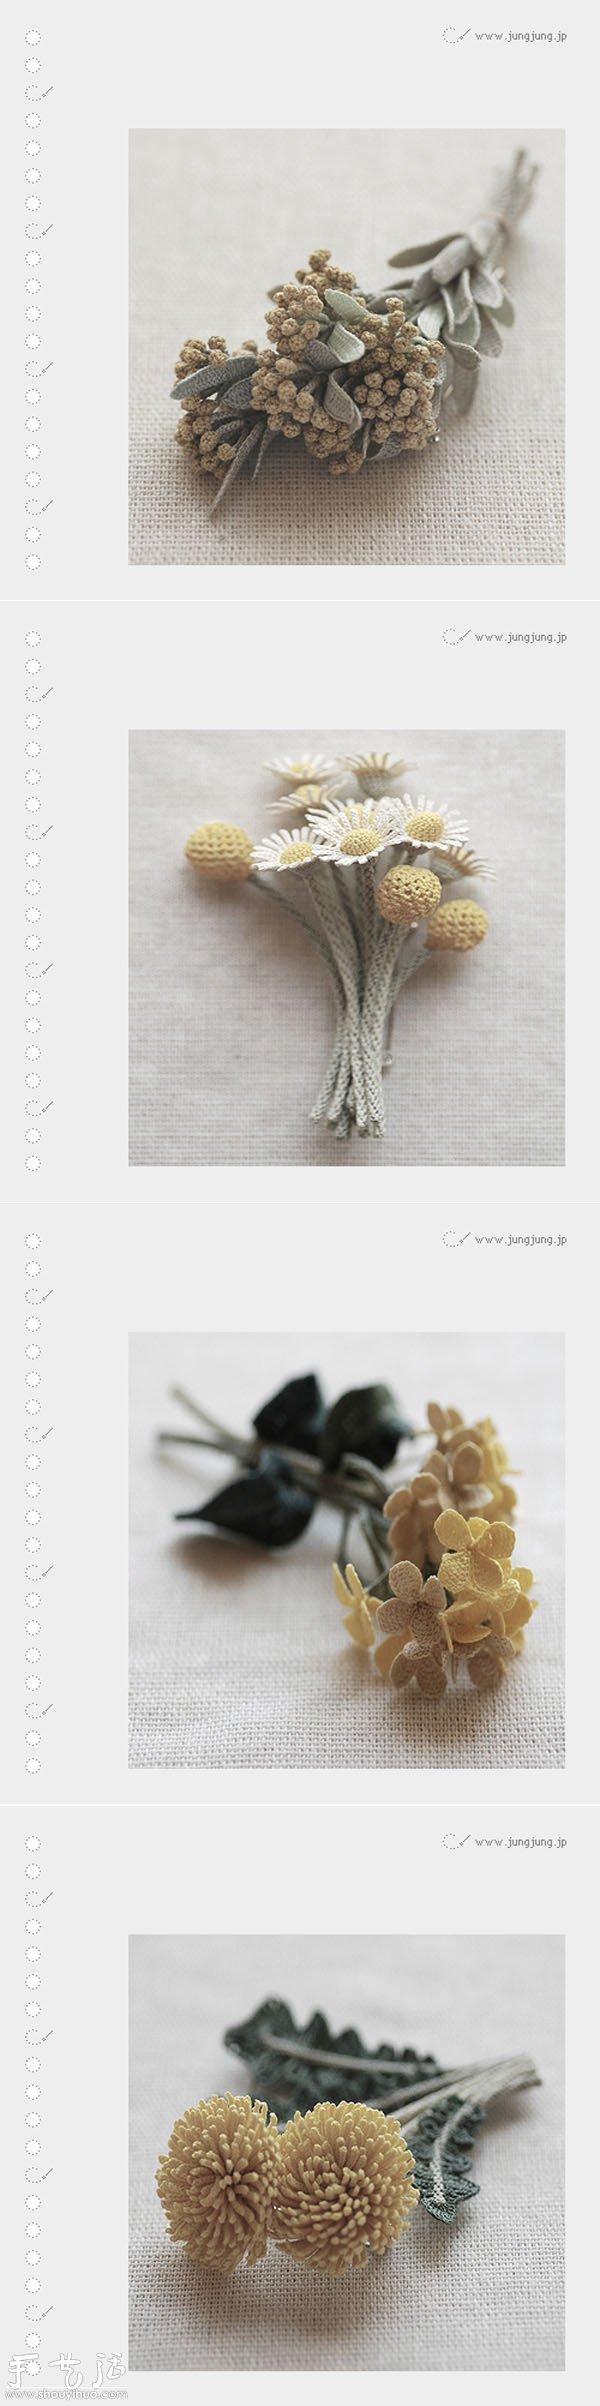 清新淡雅的鉤編達人作品